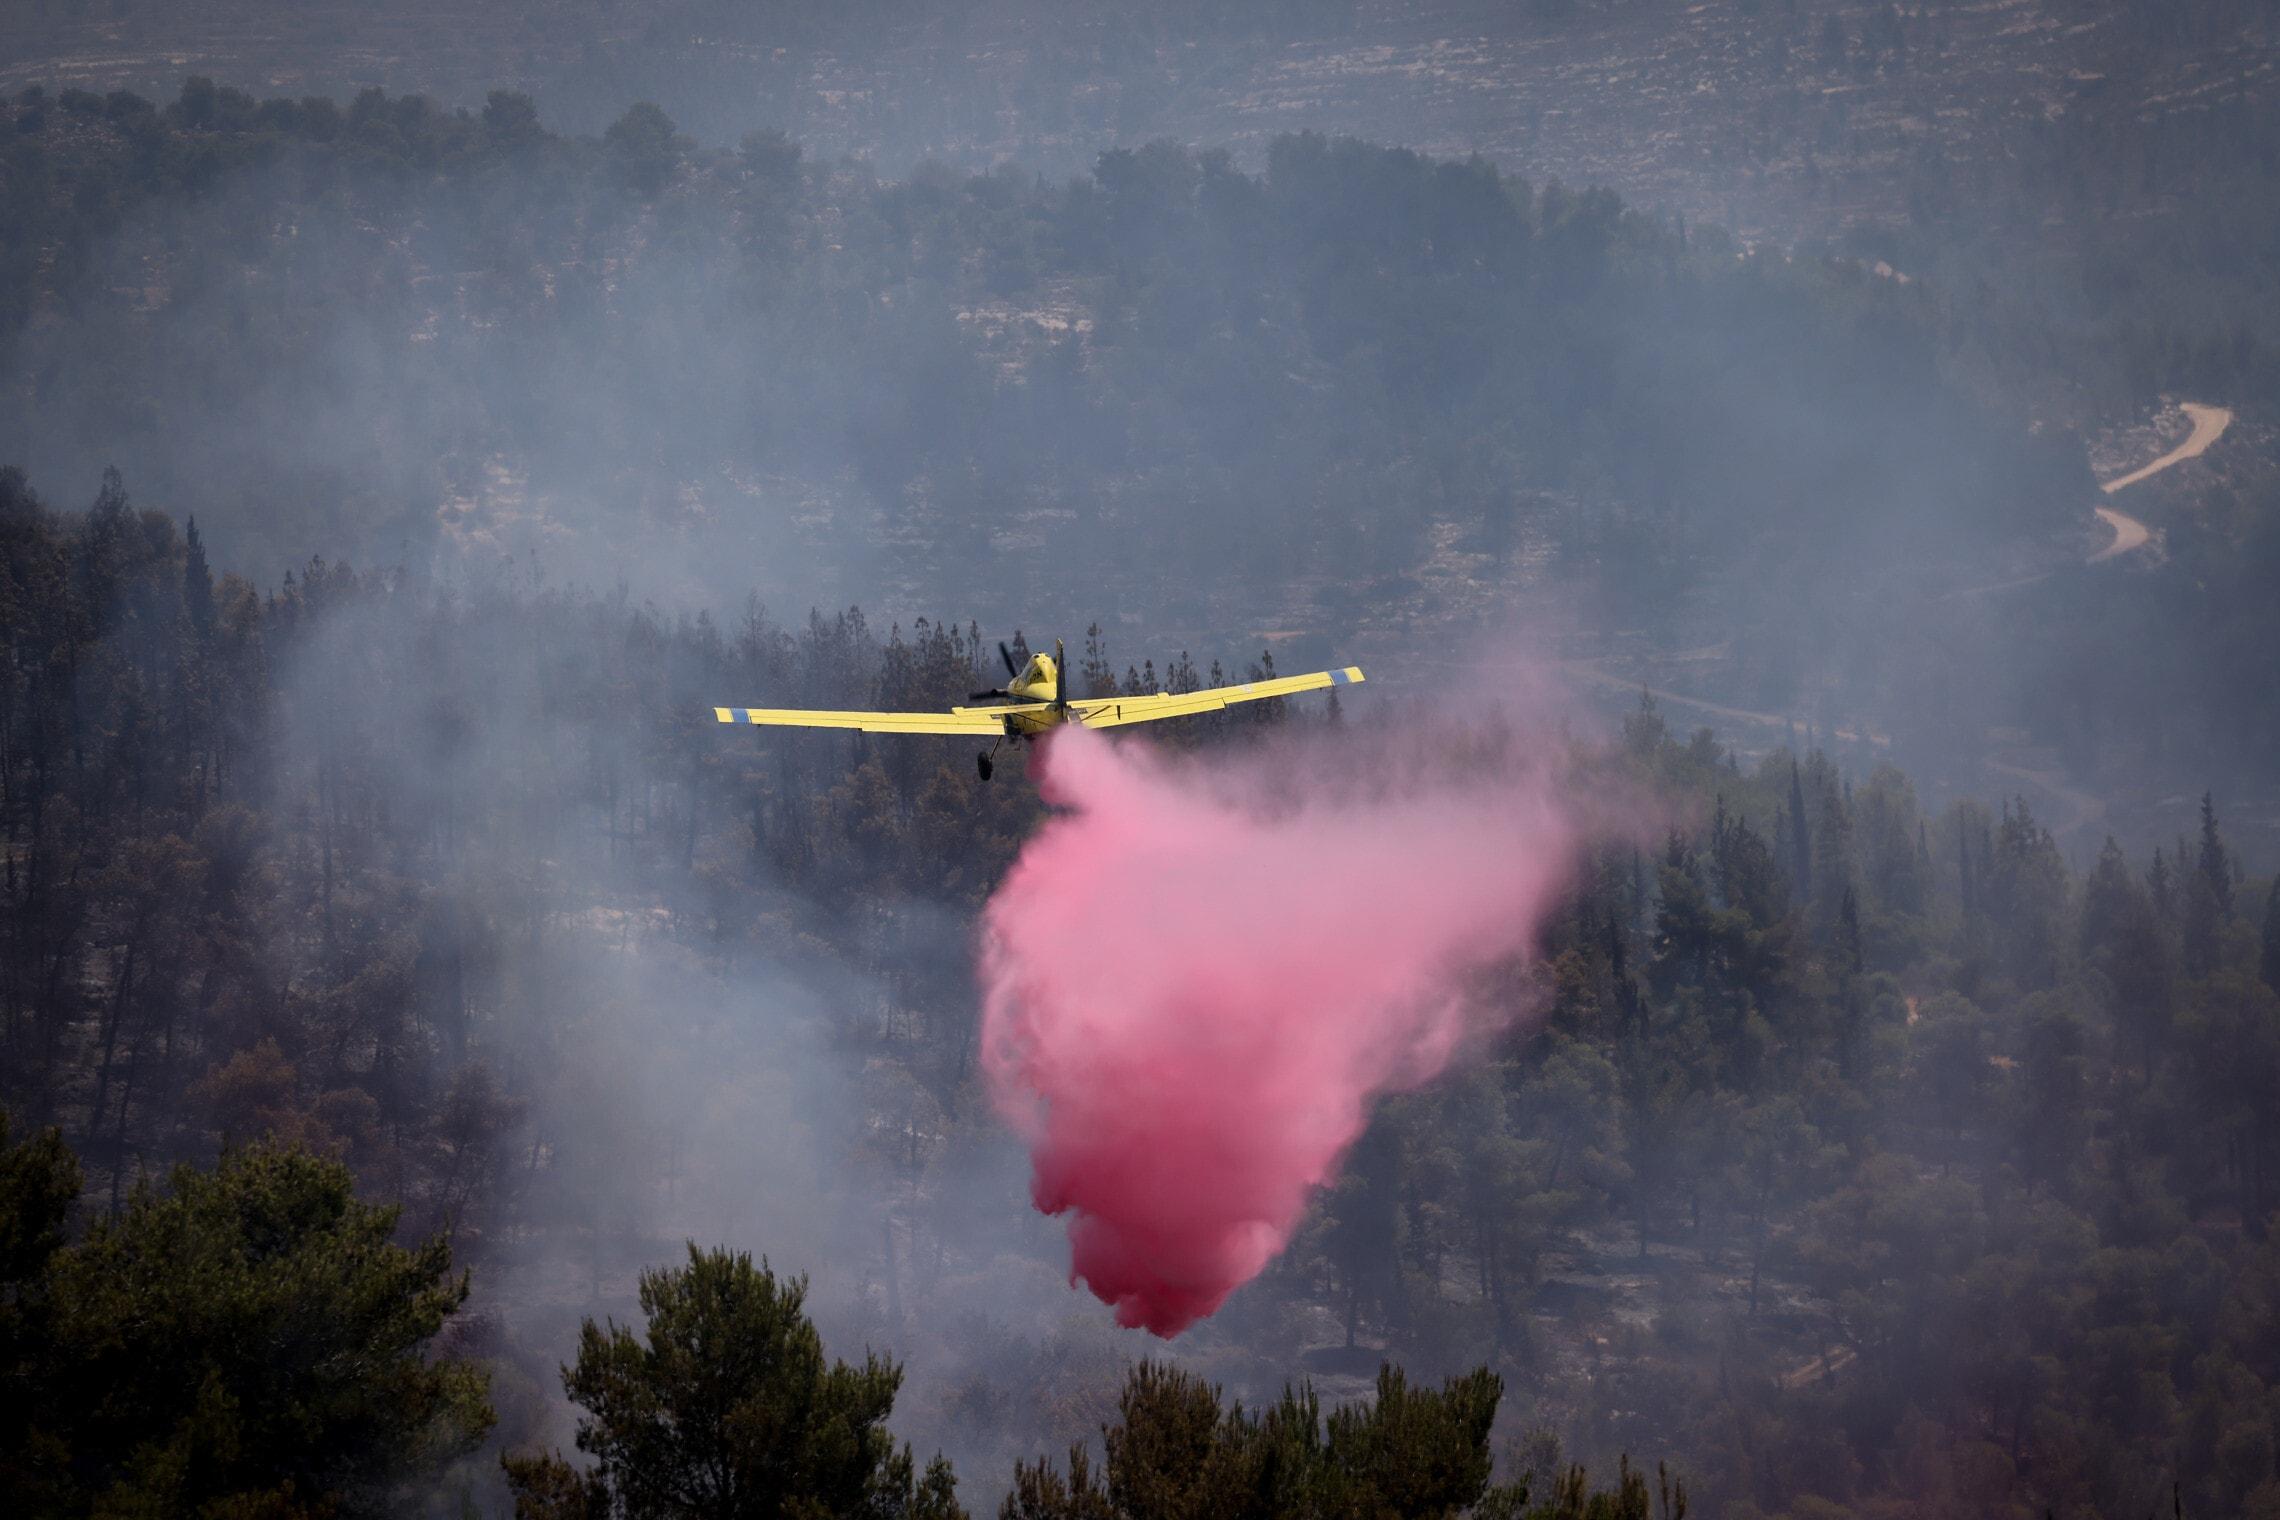 מטוס קל של שירותי הכבאות מעל אזור השרפה בהרי ירושלים, ליד בית מאיר, 16 באוגוסט 2021 (צילום: יונתן זינדל/פלאש90)